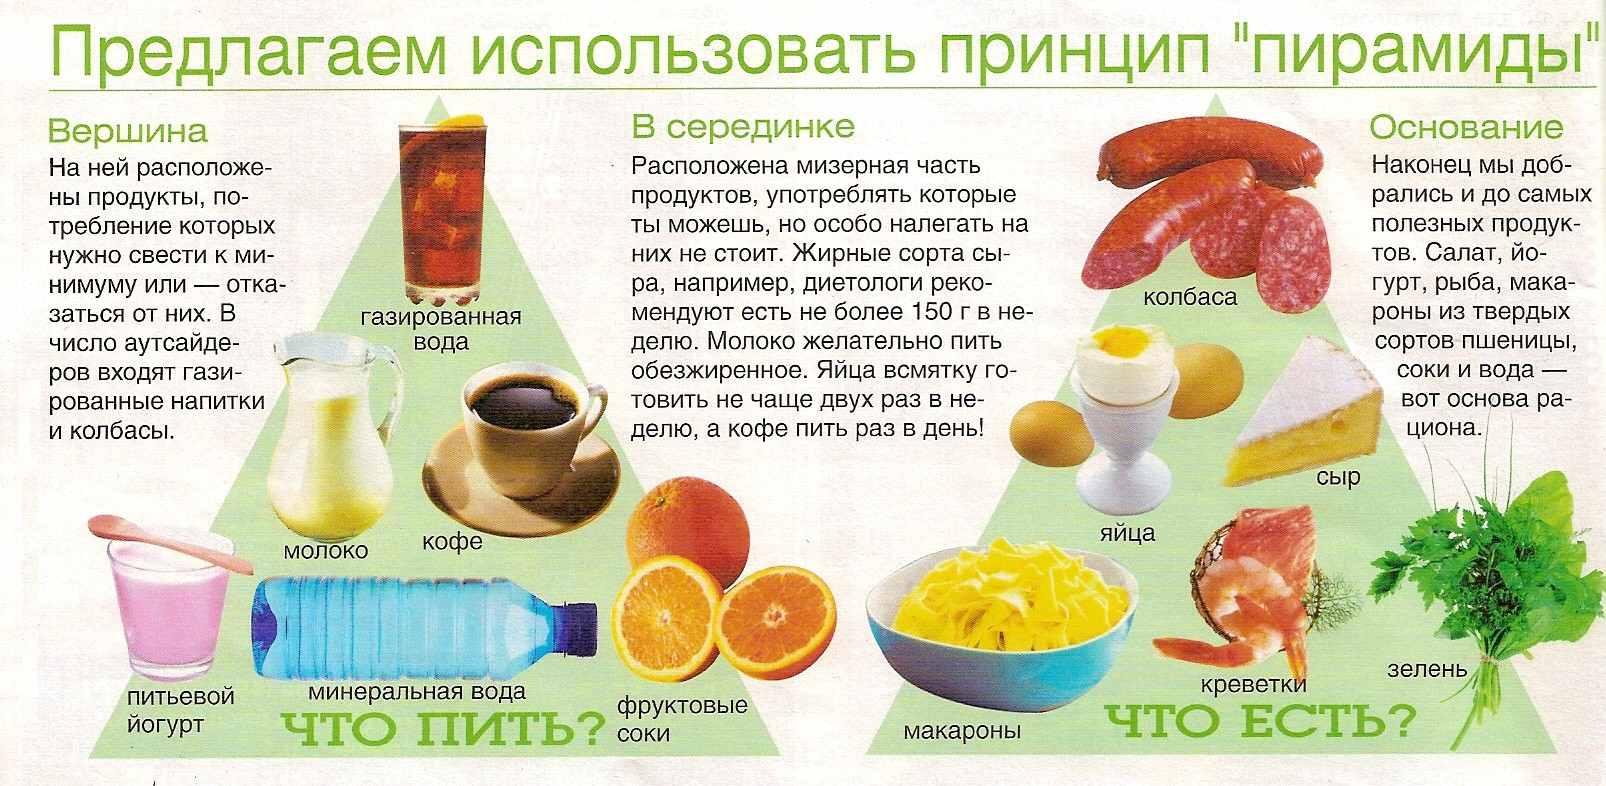 produkti-pitaniya-i-seksualnost